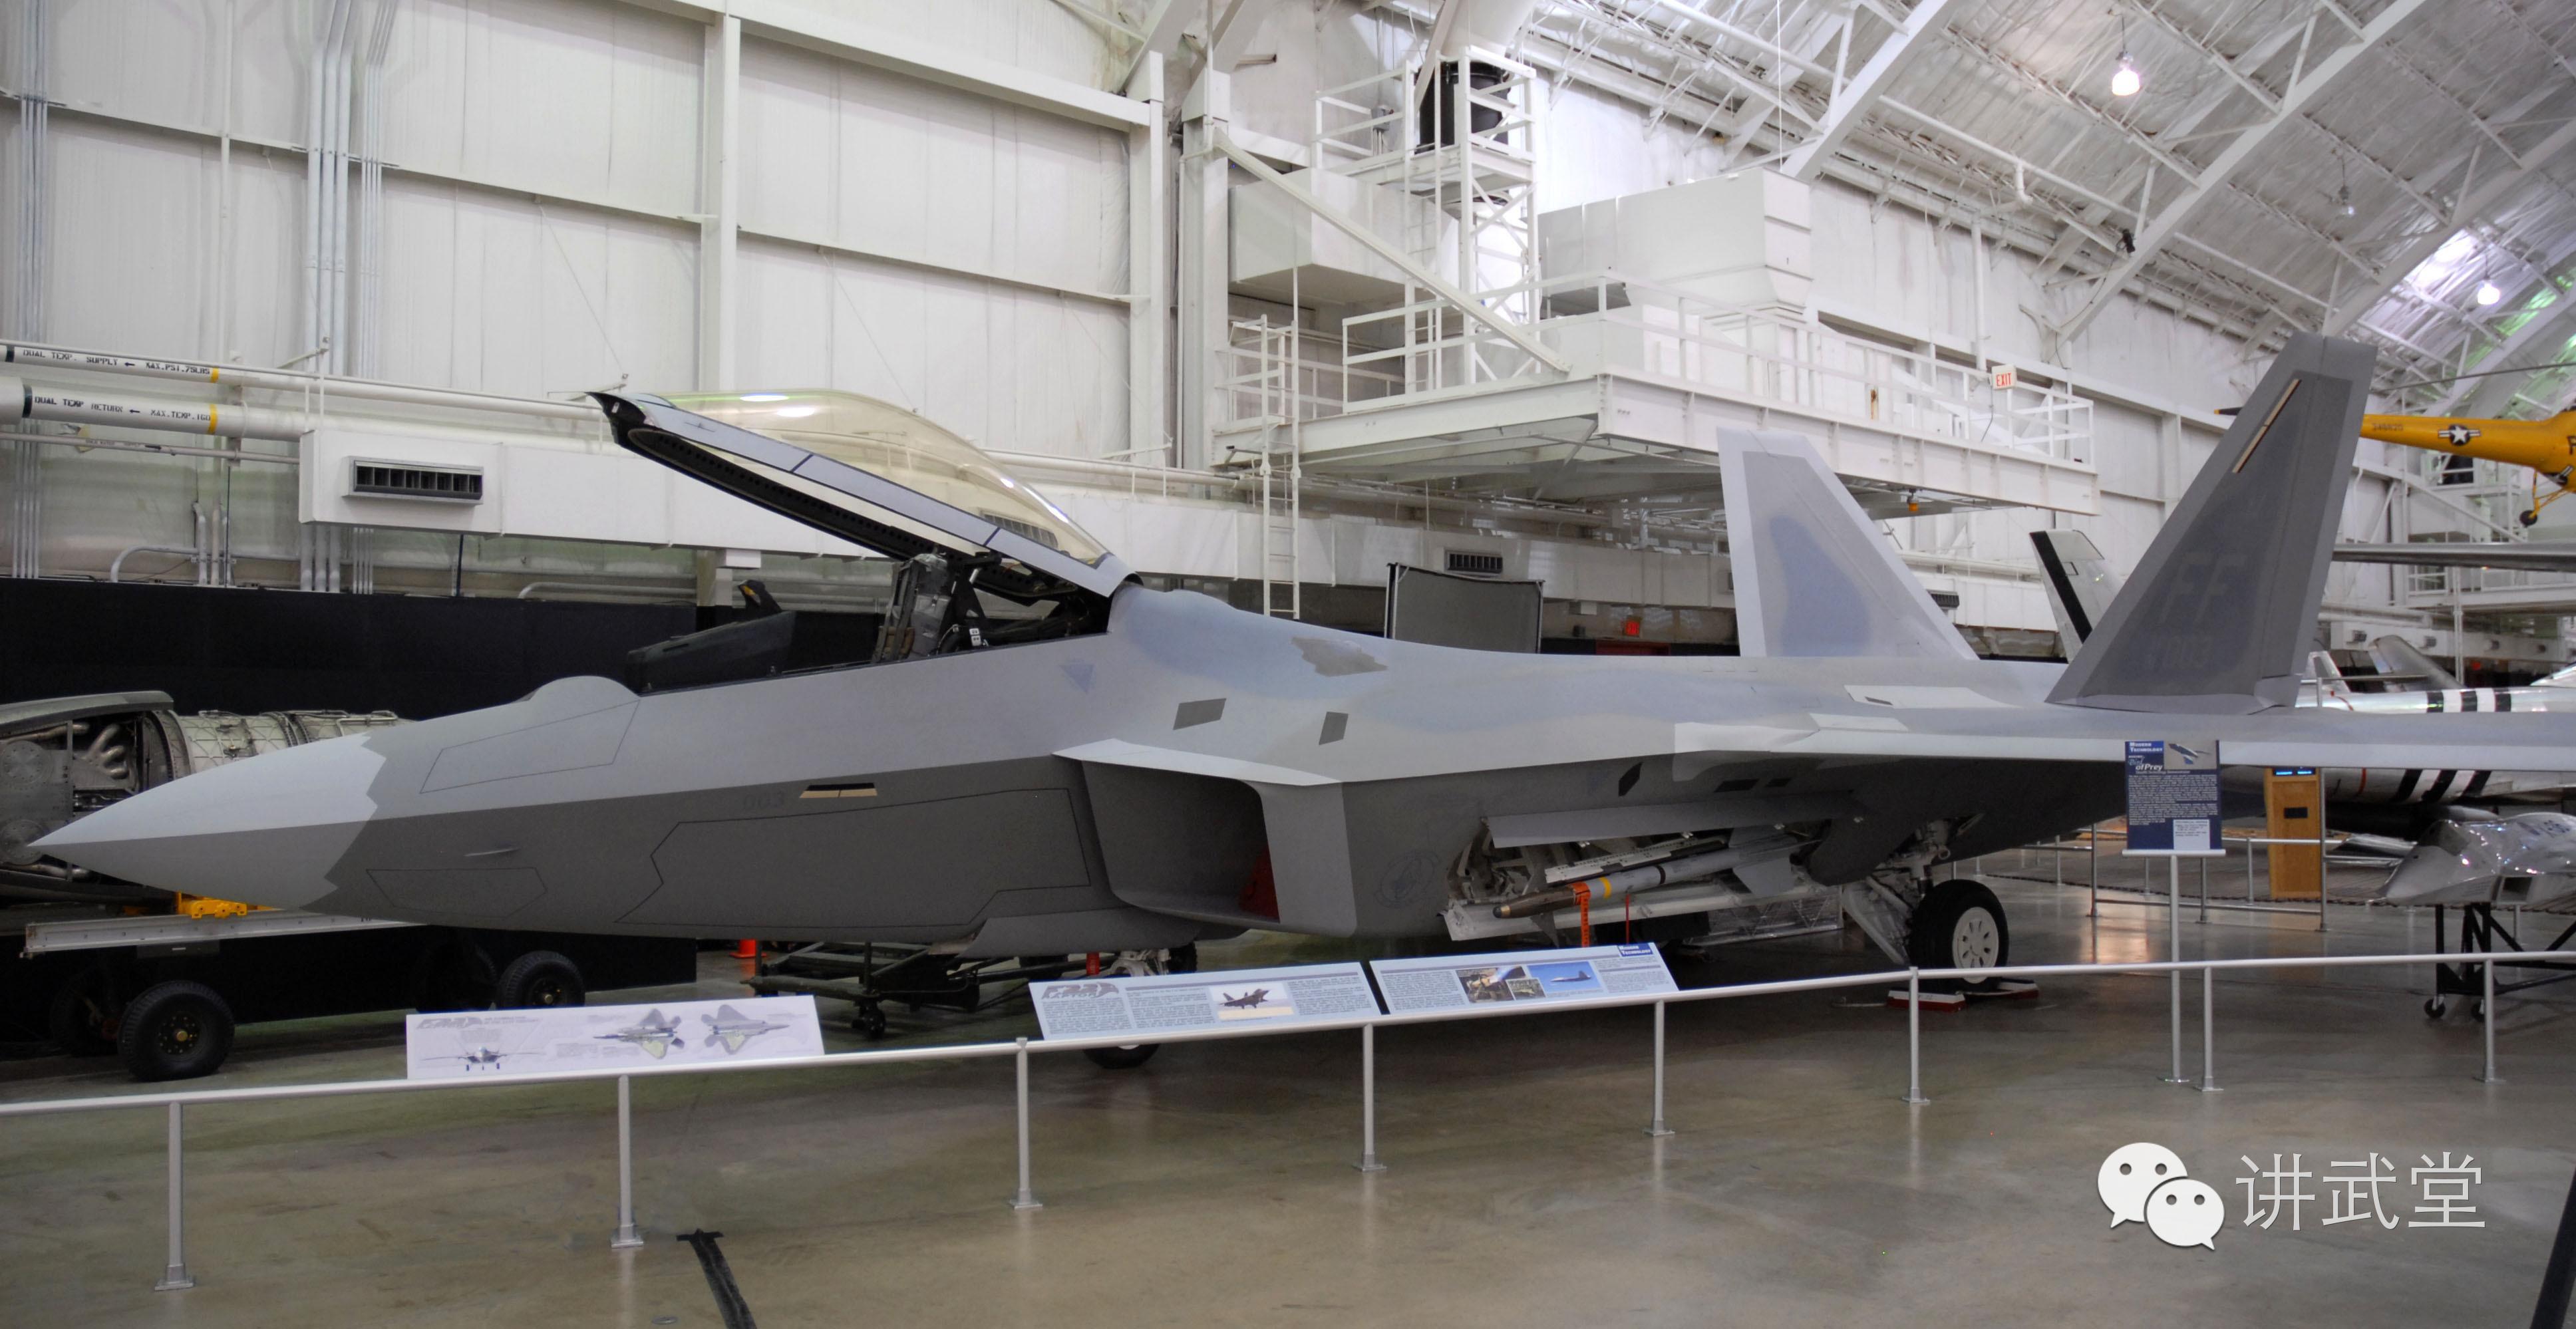 小�9������d�9�$y`f��,_比如f22前后算起来有11架原型机,两架y/f-22a技术验证机,9架f/a-22a